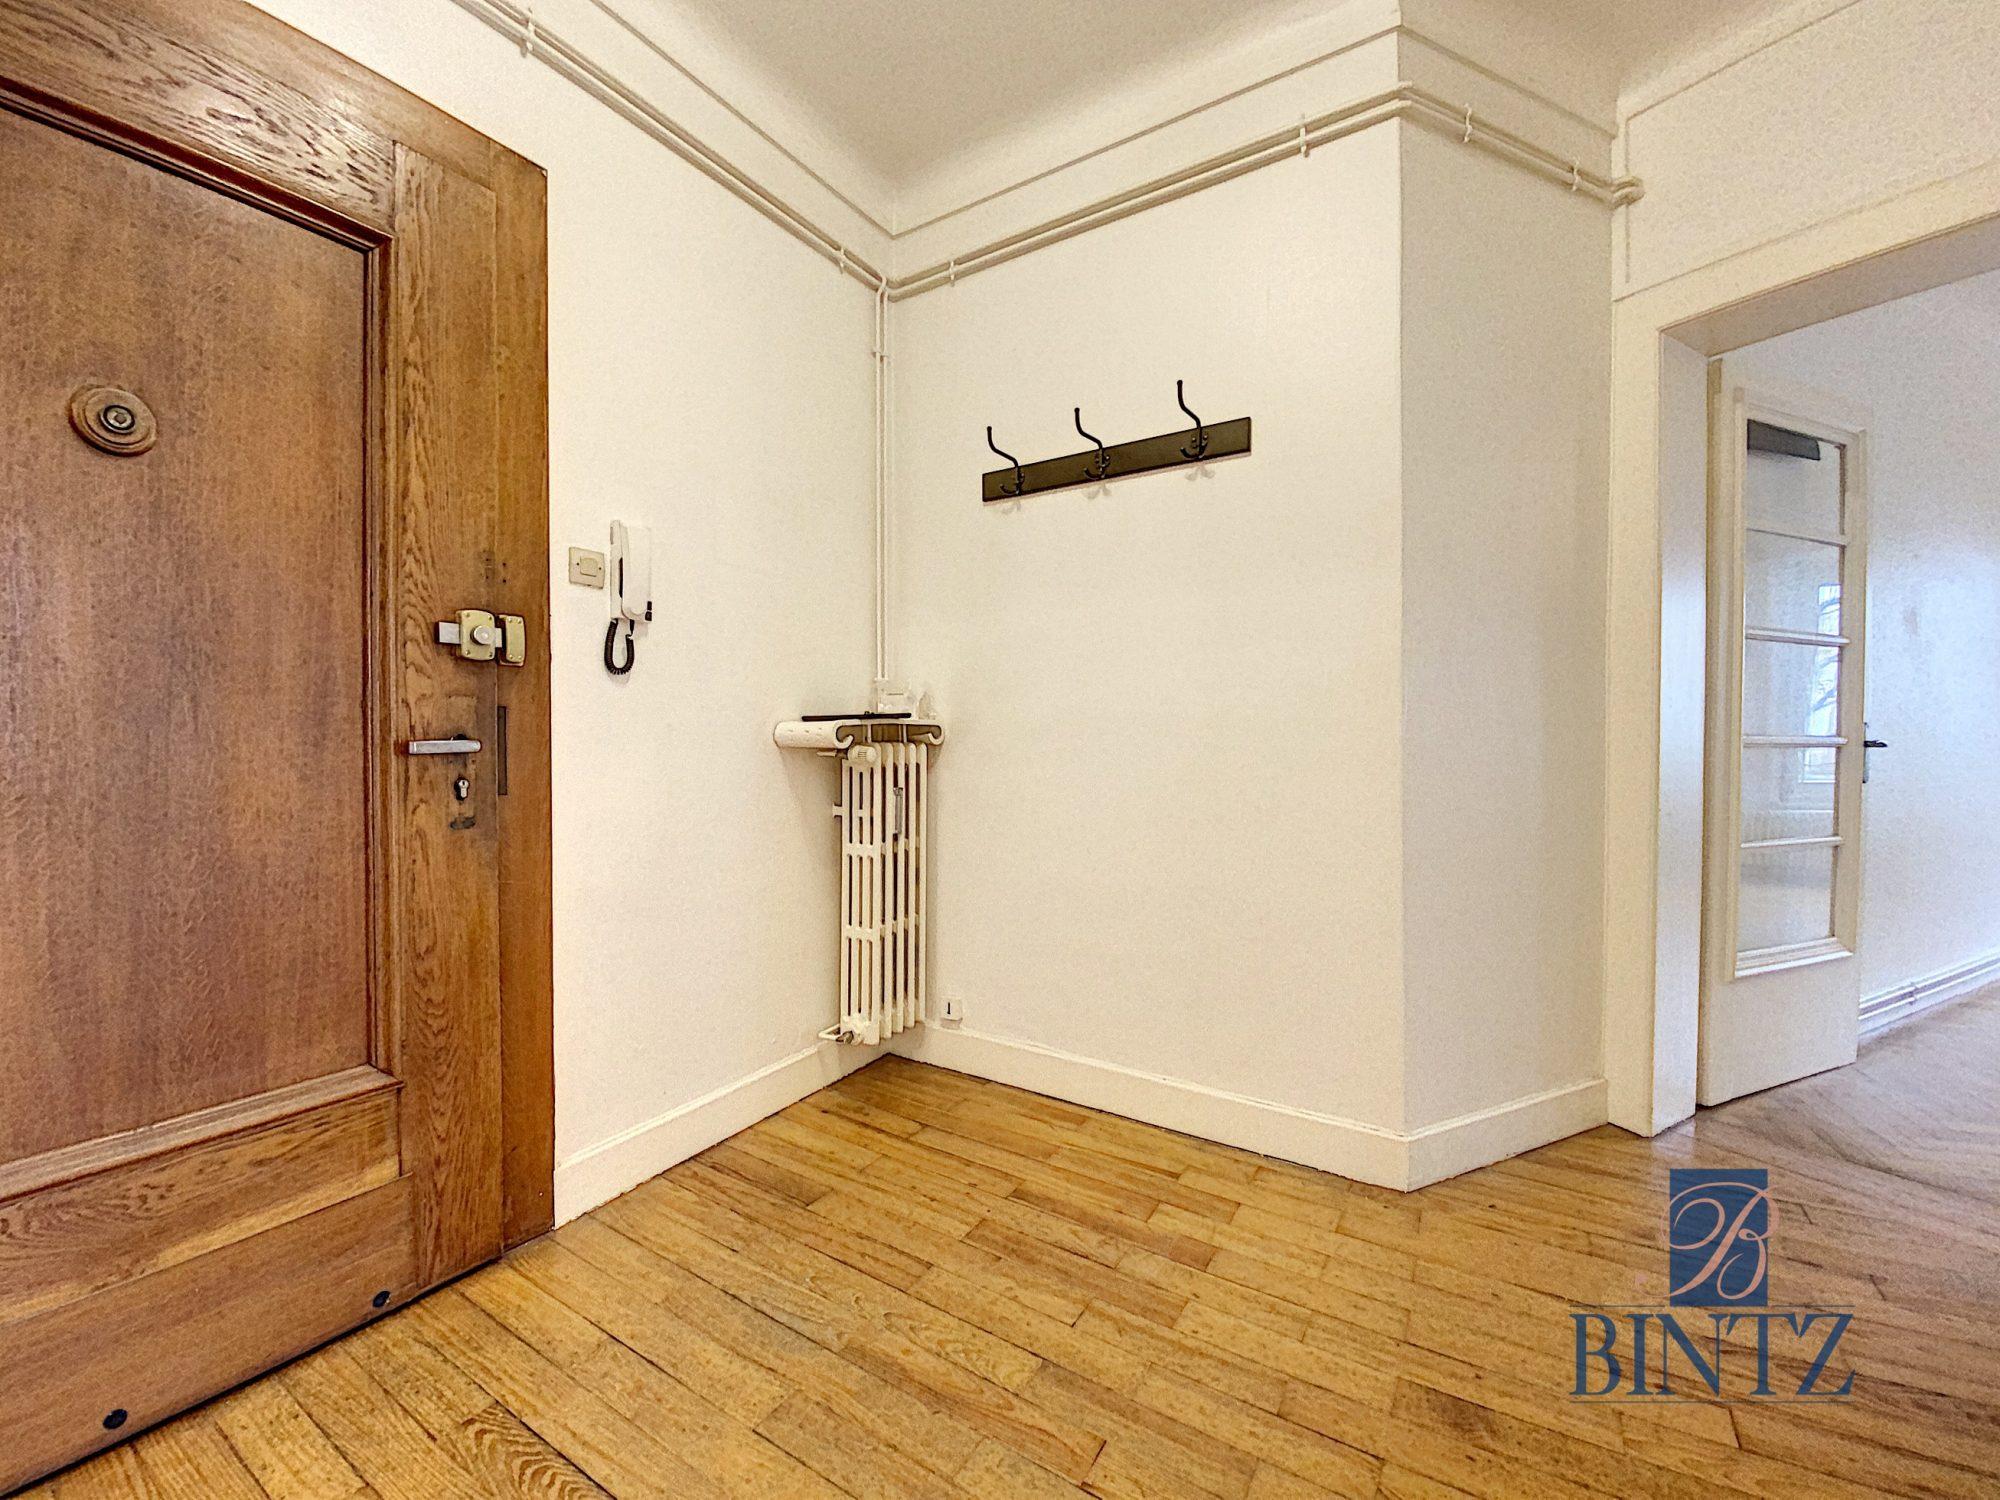 3P avec terrasse orangerie - Devenez locataire en toute sérénité - Bintz Immobilier - 8